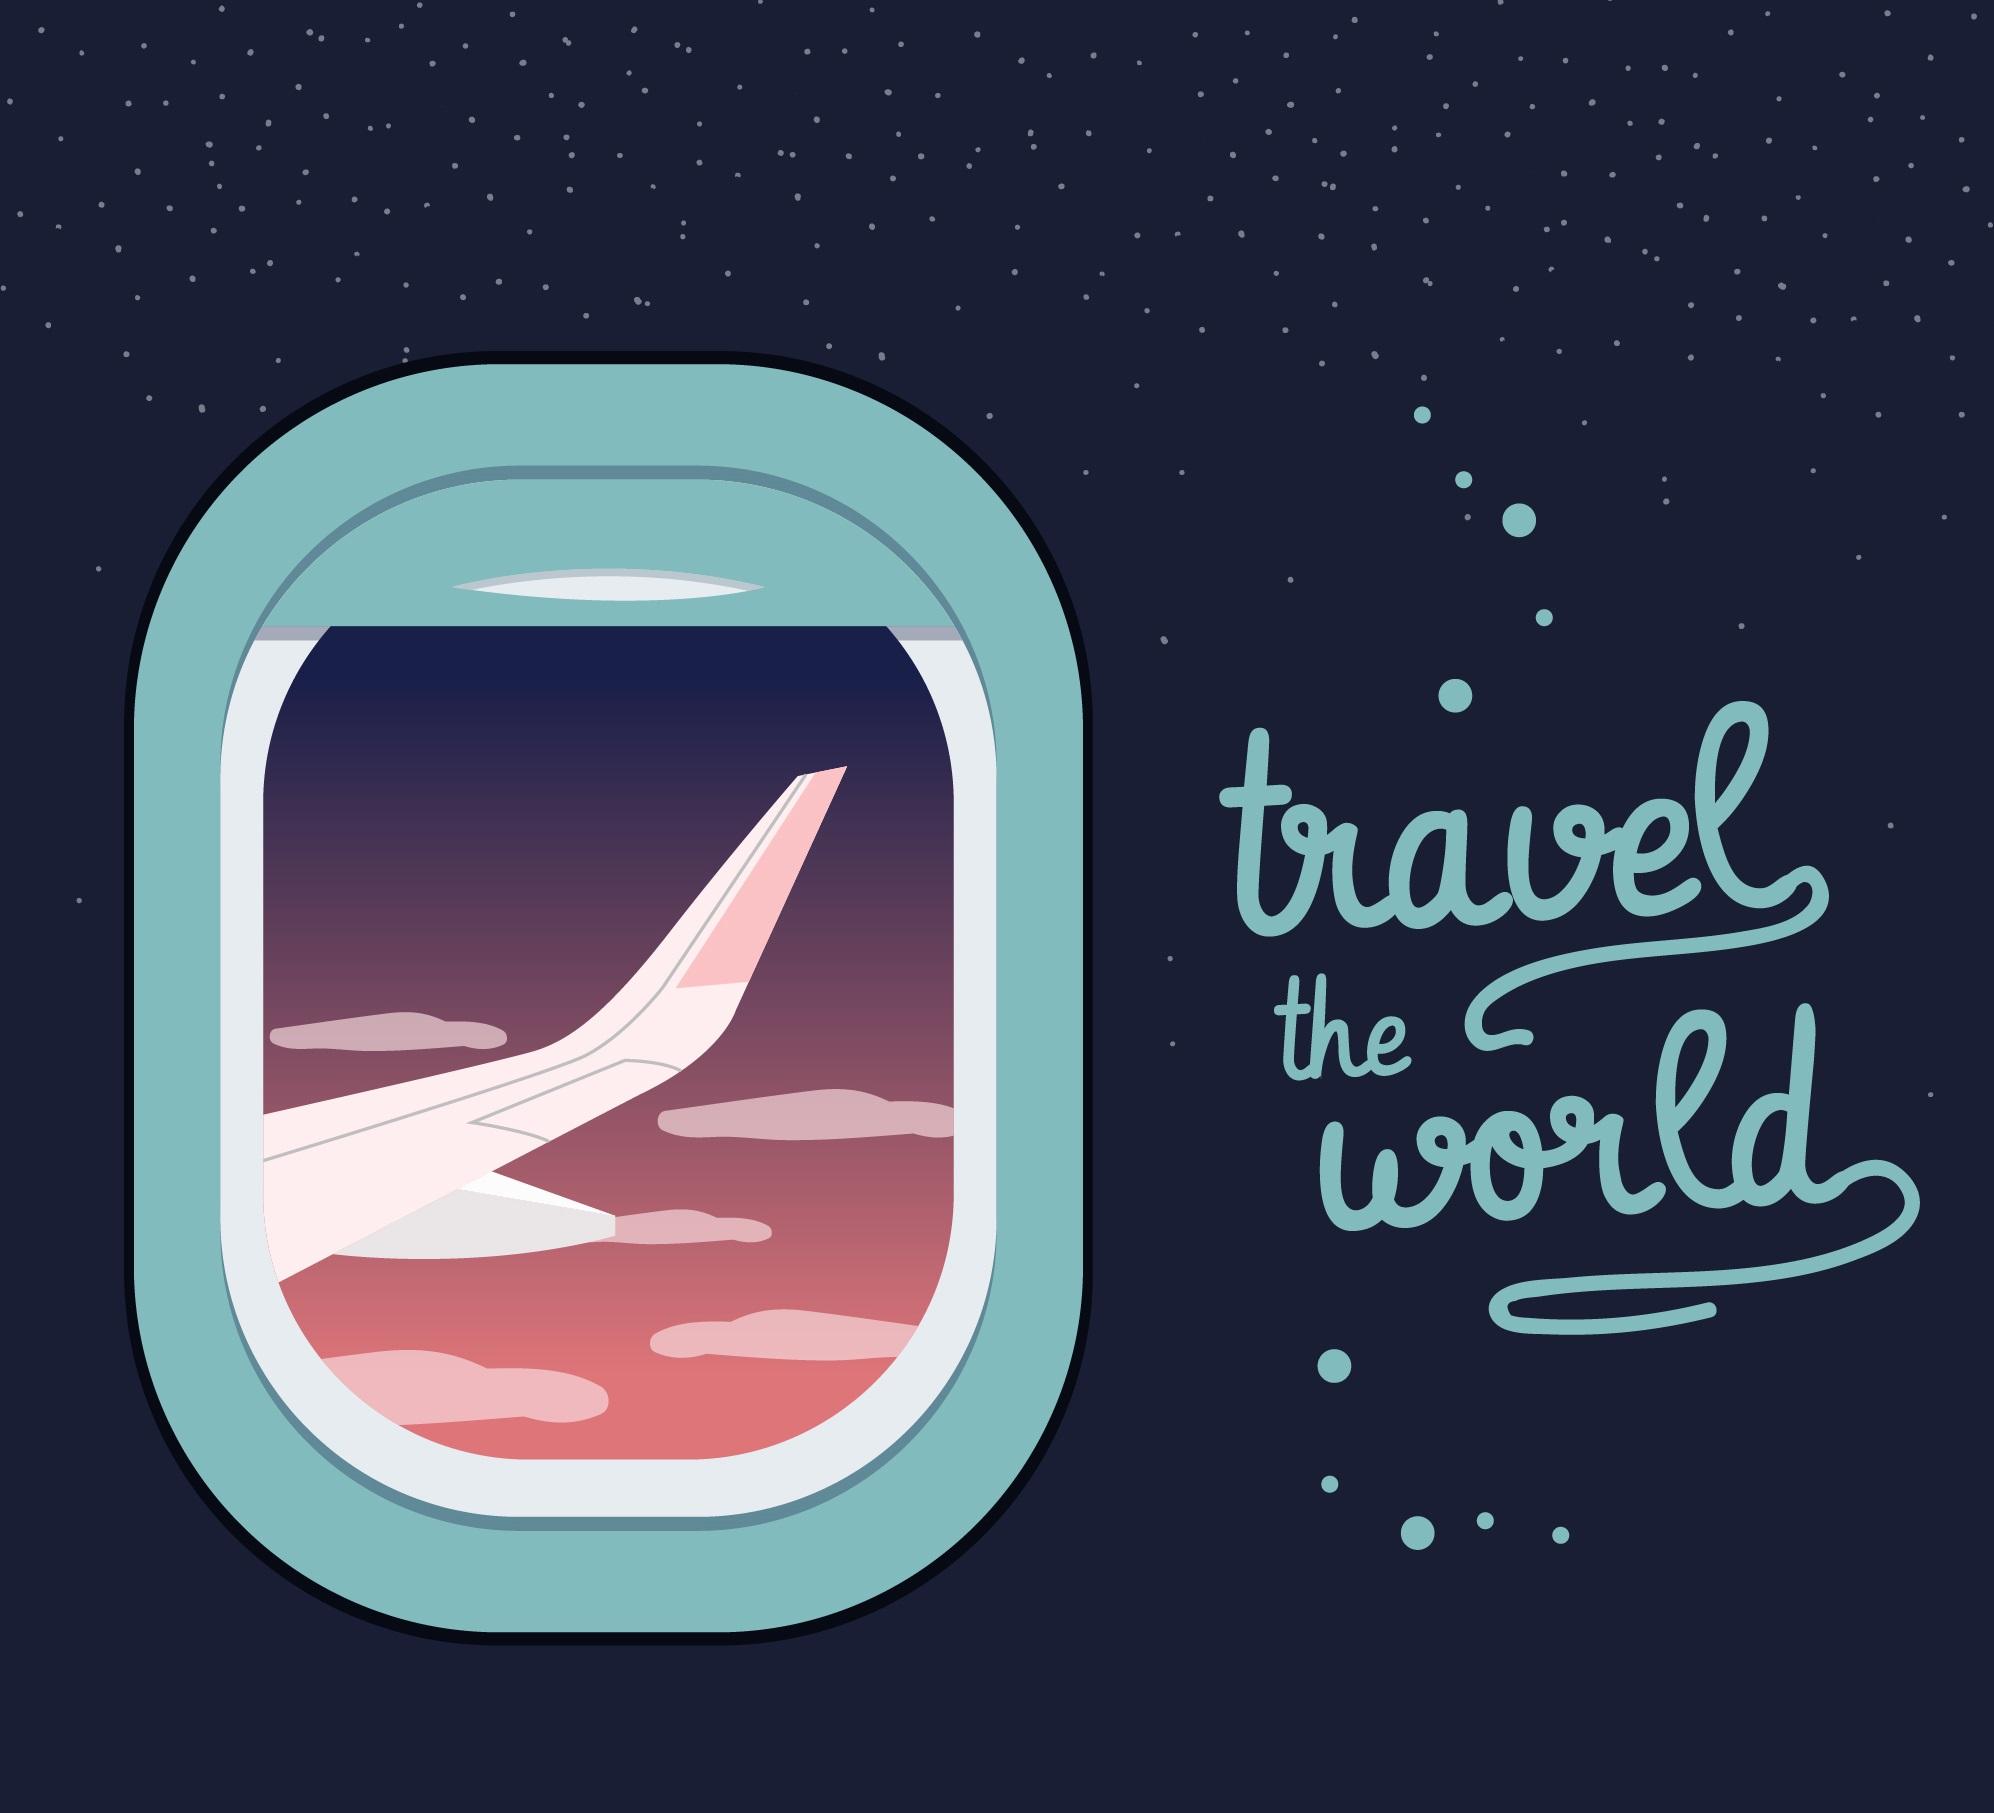 كيف يمكن أن تساعد خدمات الواتساب شات بوت قطاع السفر